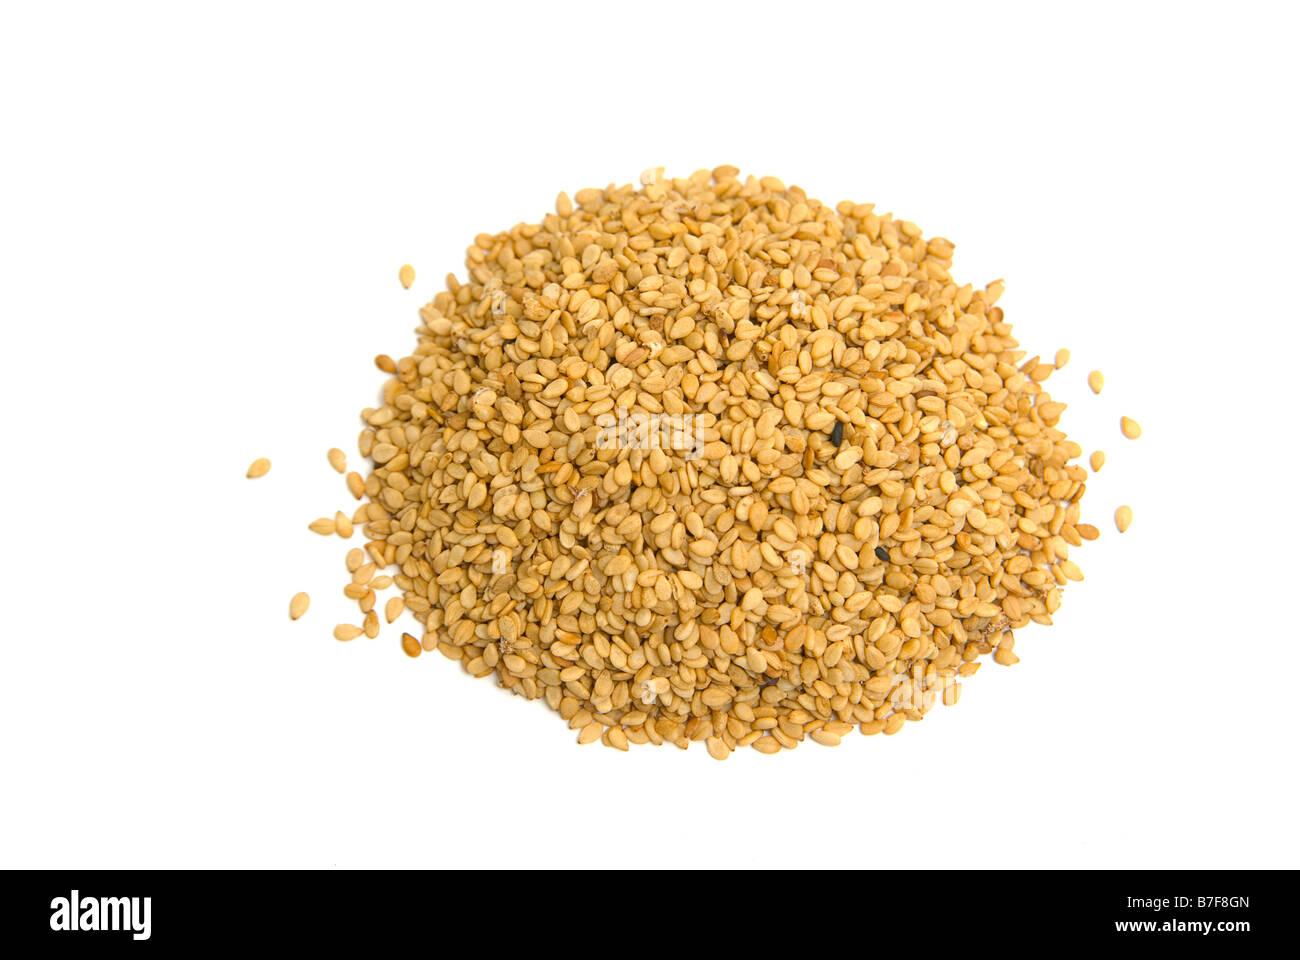 Pedaliaceae Sesame Sesamum indicum - Stock Image